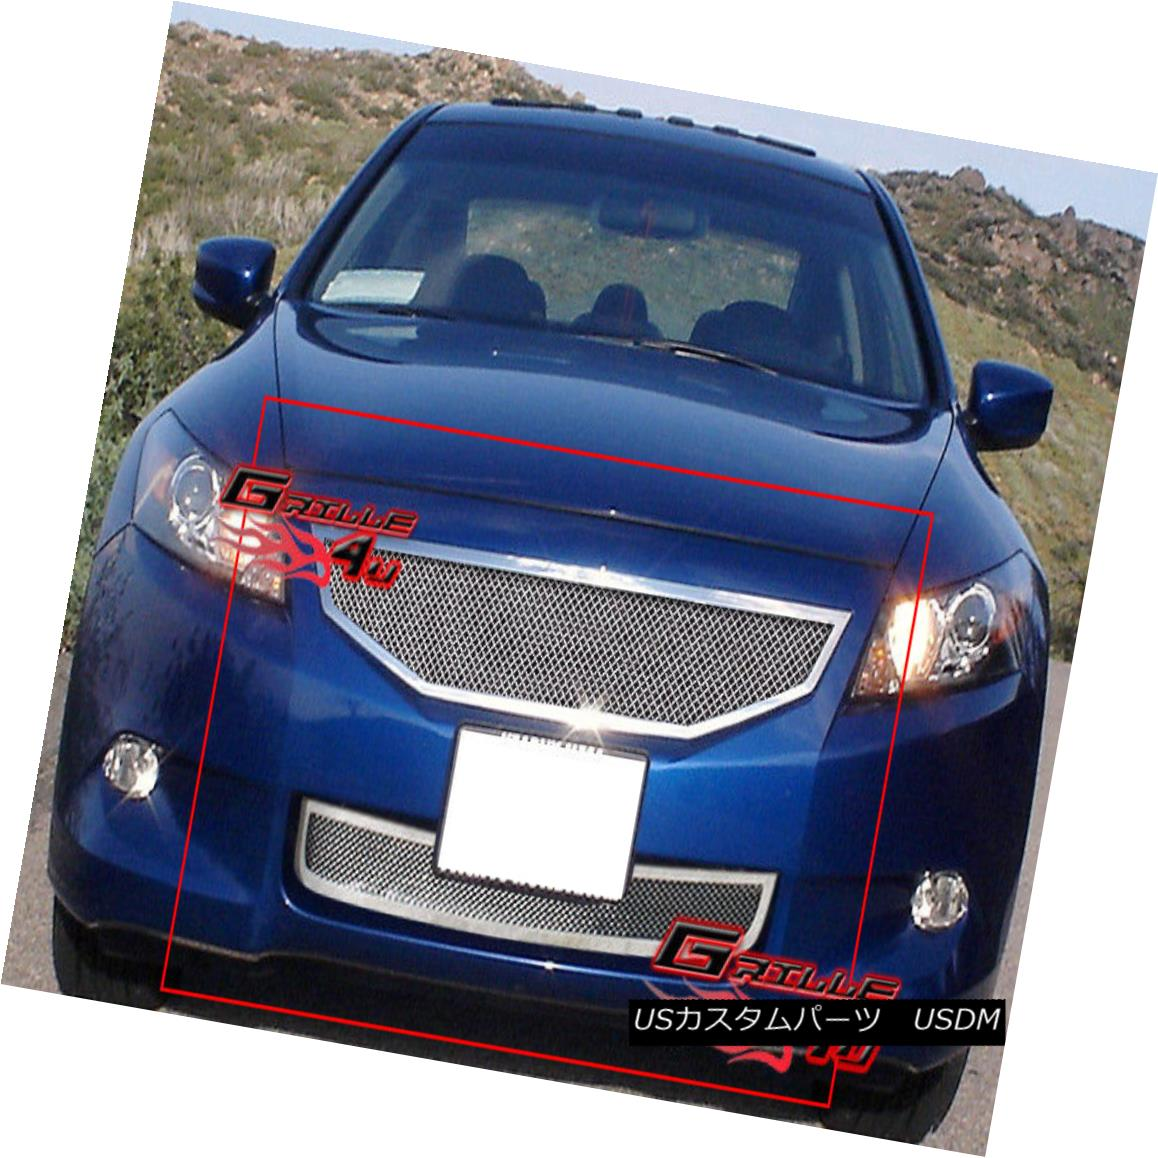 グリル Fits 08-10 Honda Accord Coupe Stainless Mesh Grille Combo フィット08-10ホンダアコードクーペステンレスメッシュグリルコンボ